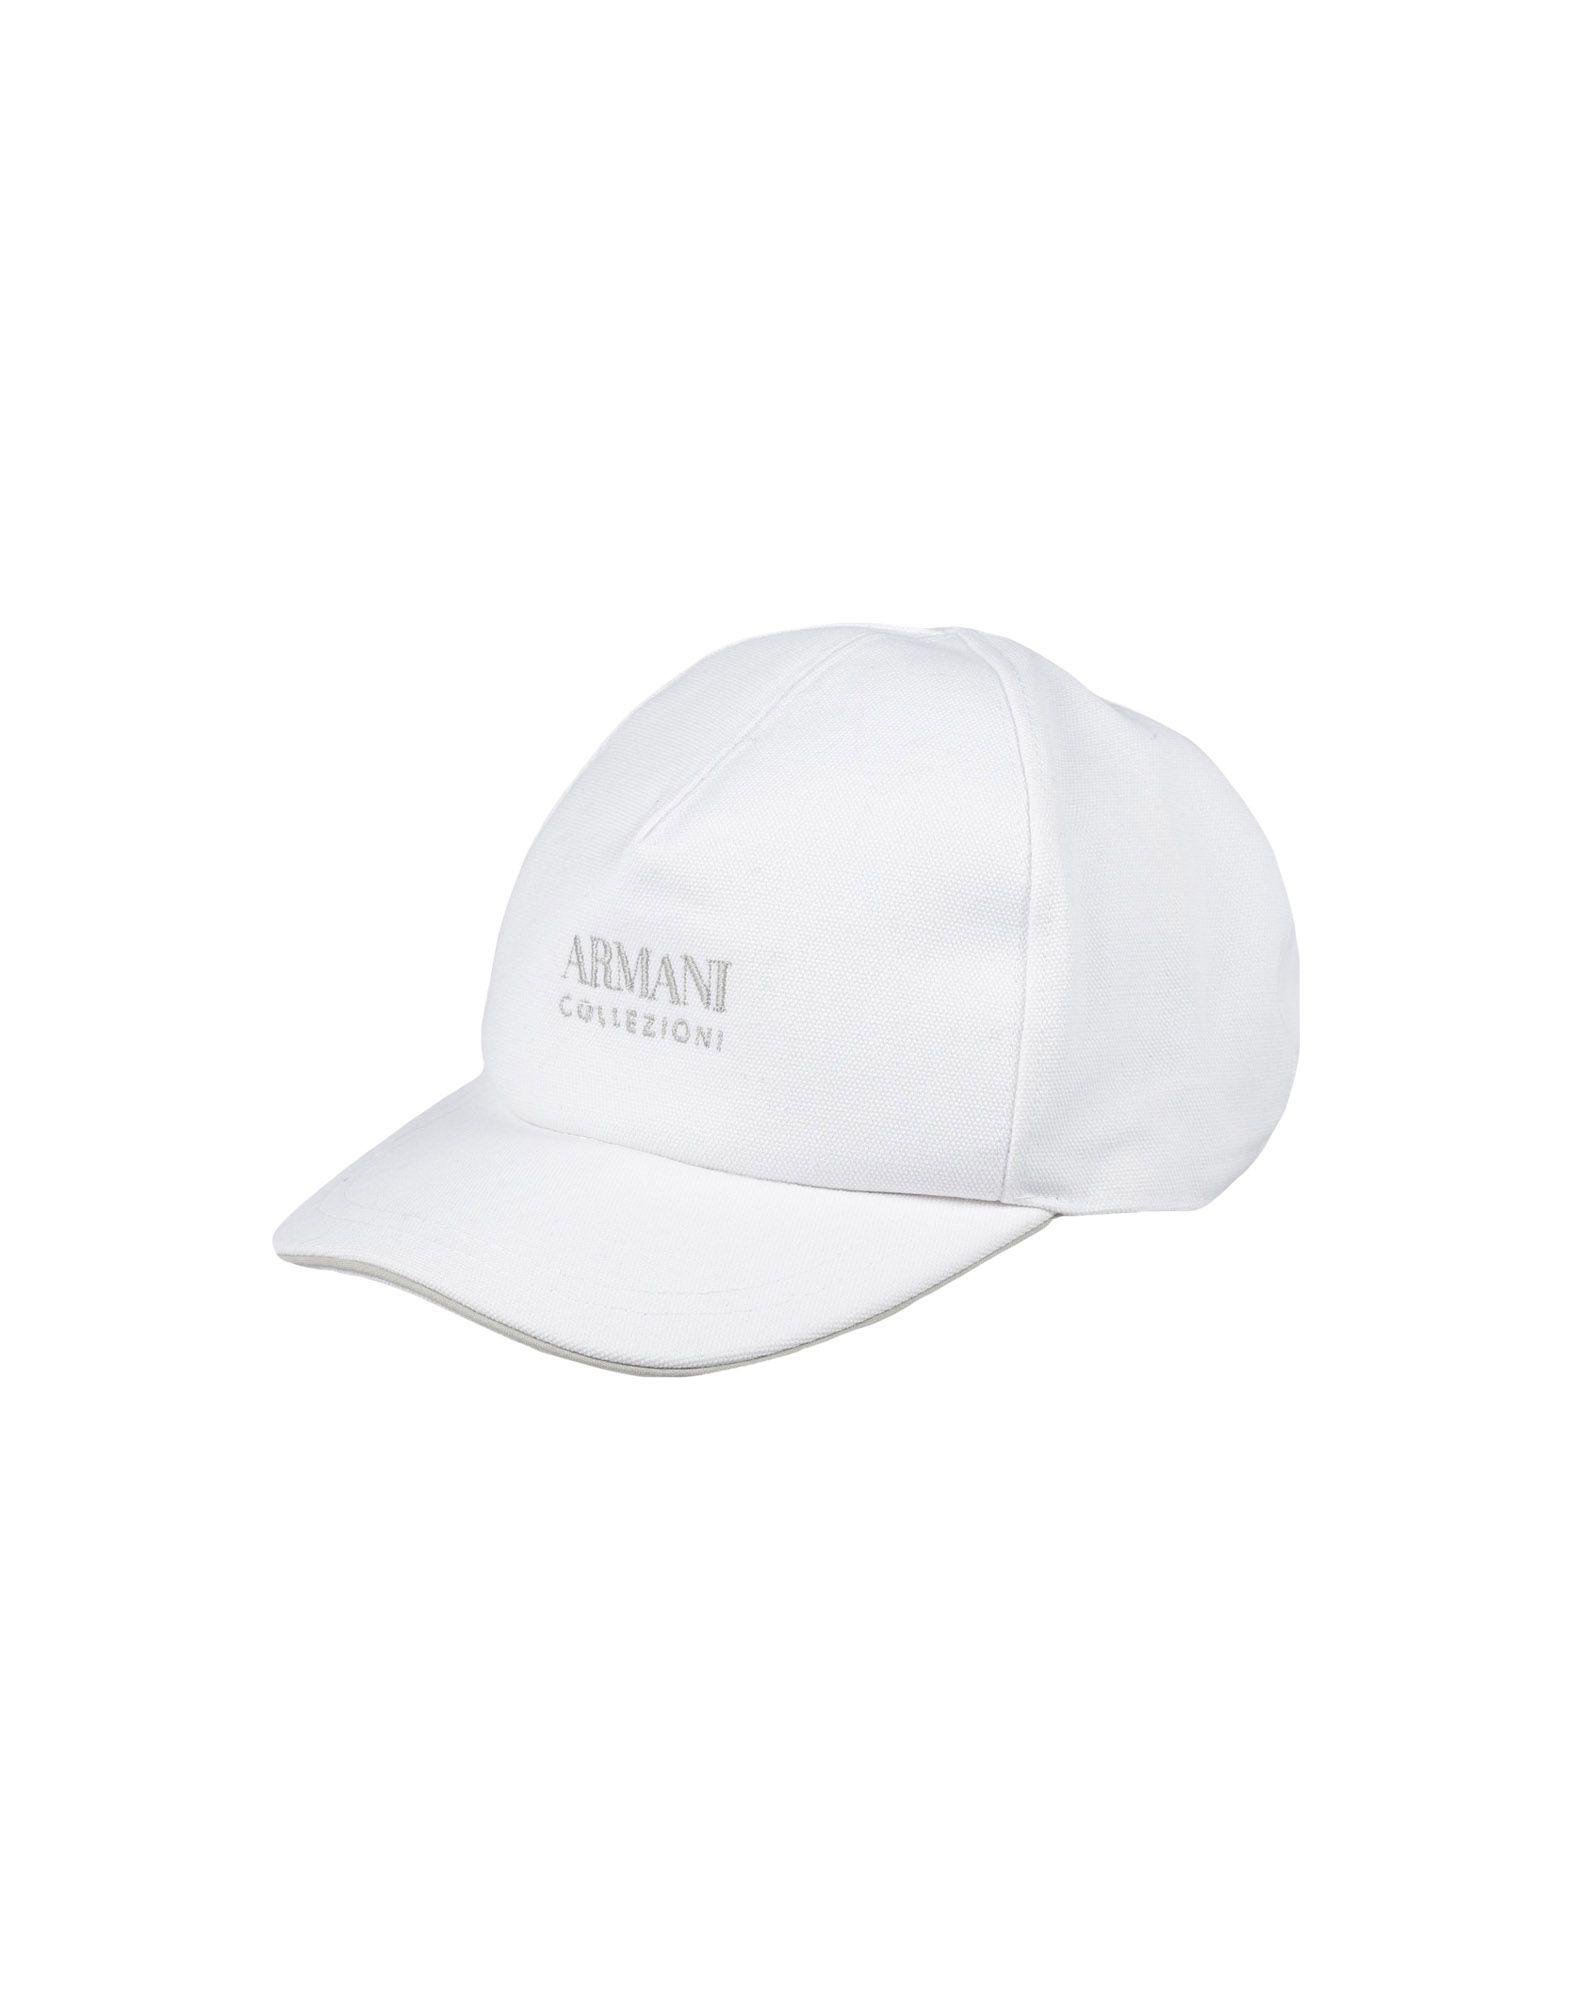 《送料無料》ARMANI COLLEZIONI メンズ 帽子 ホワイト L コットン 100%